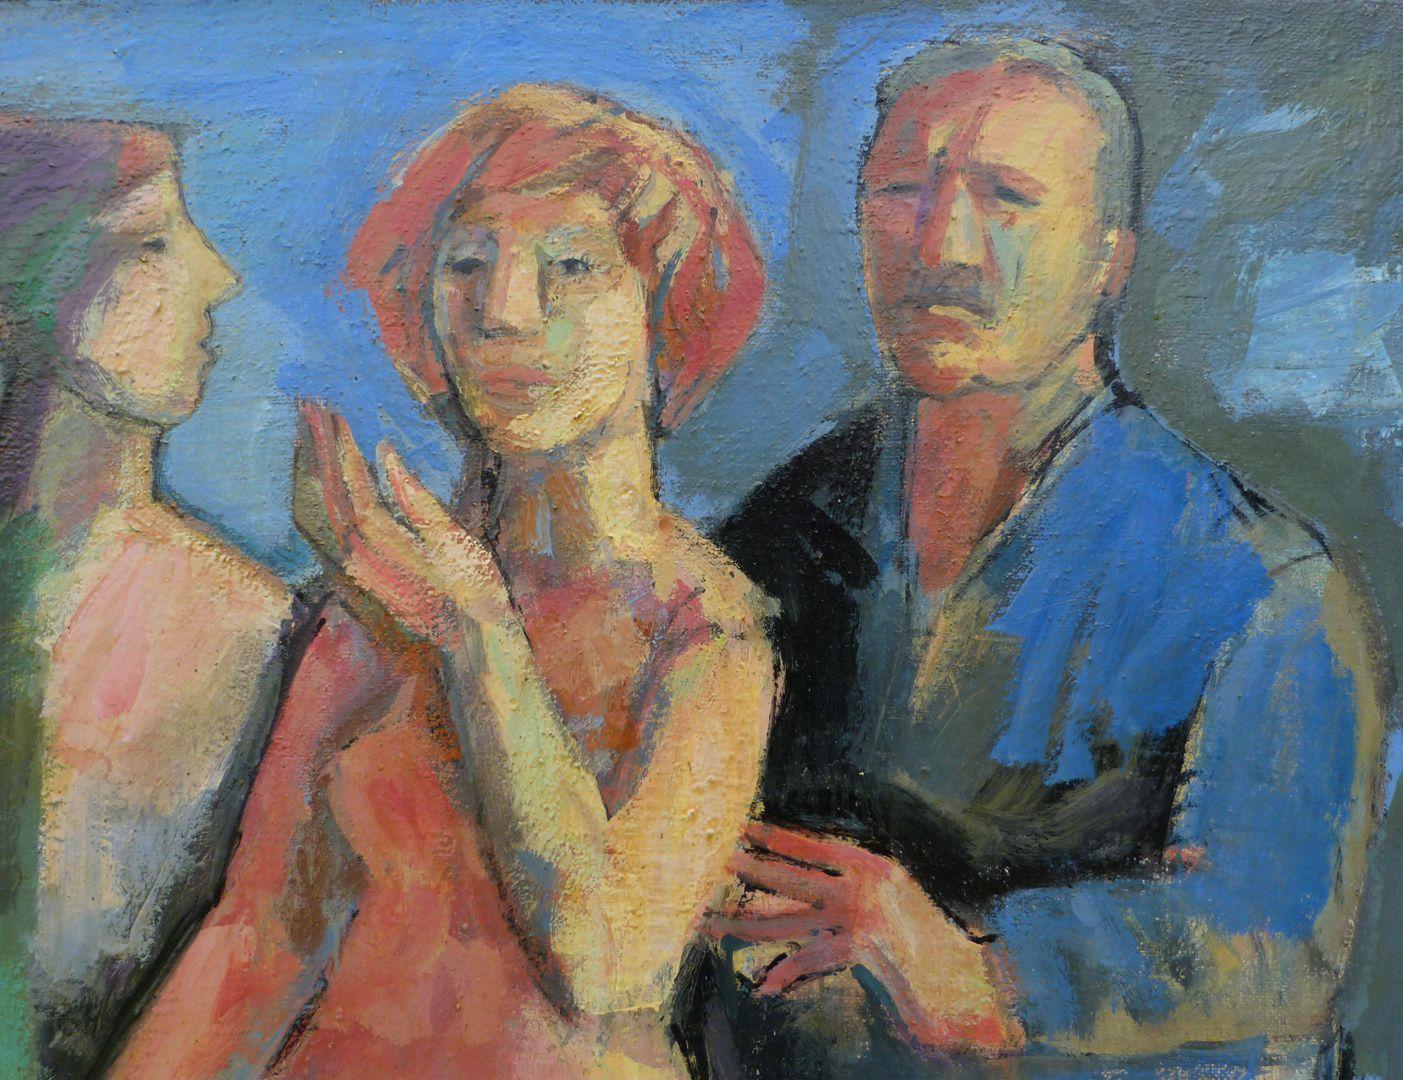 Maler und Modell obere Bildhälfte